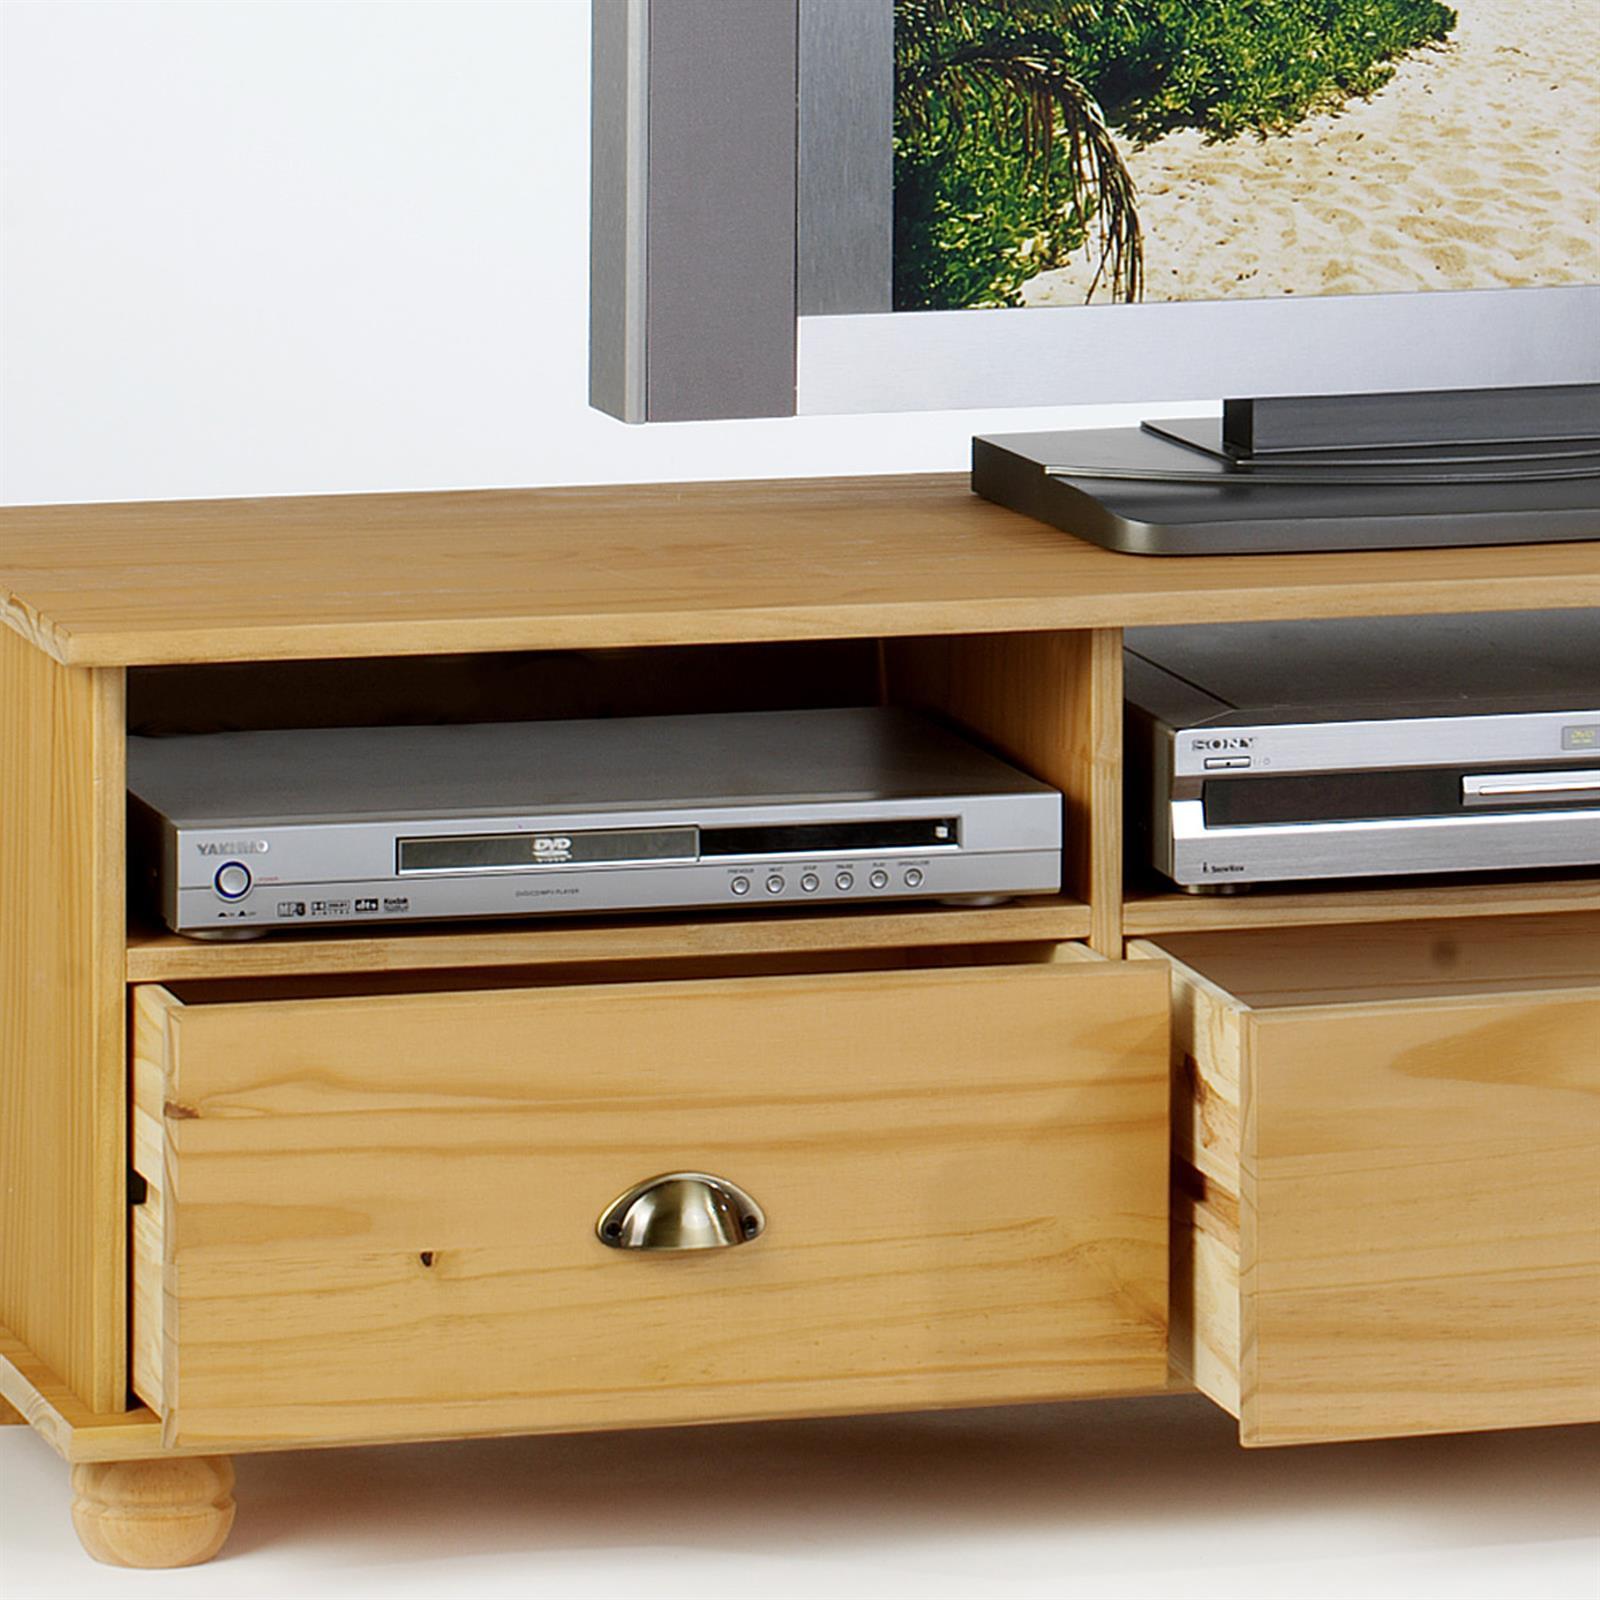 lowboard colmar kiefer massiv 151 cm breit mobilia24. Black Bedroom Furniture Sets. Home Design Ideas